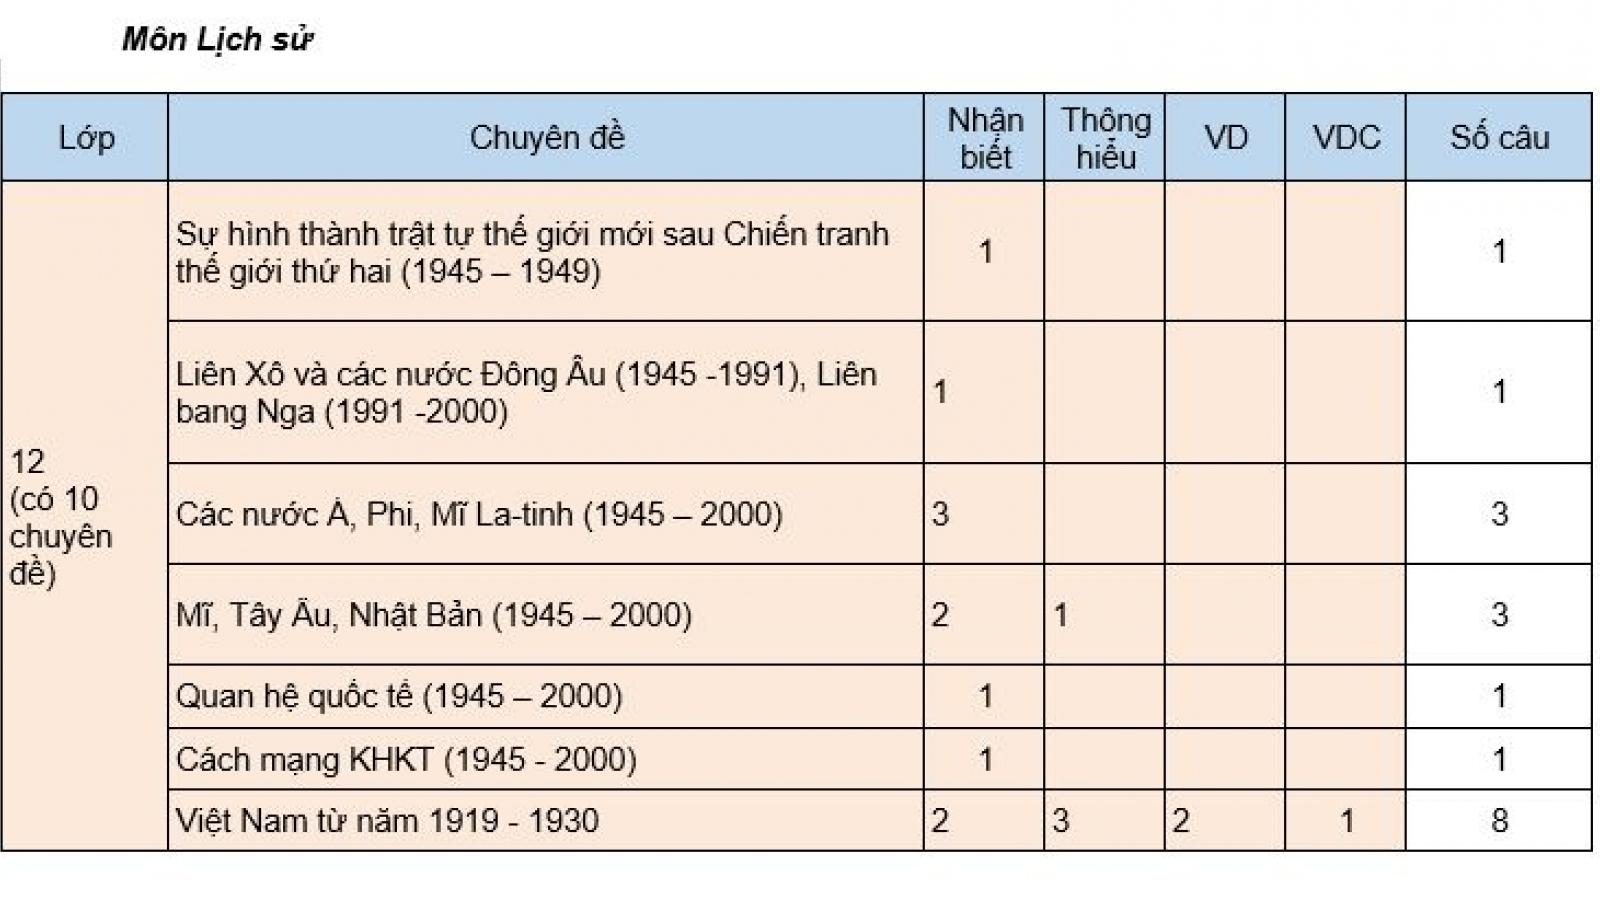 Các câu hỏi trong đề thi tham khảo Lịch sử, Địa lý được ra theo ma trận nào?